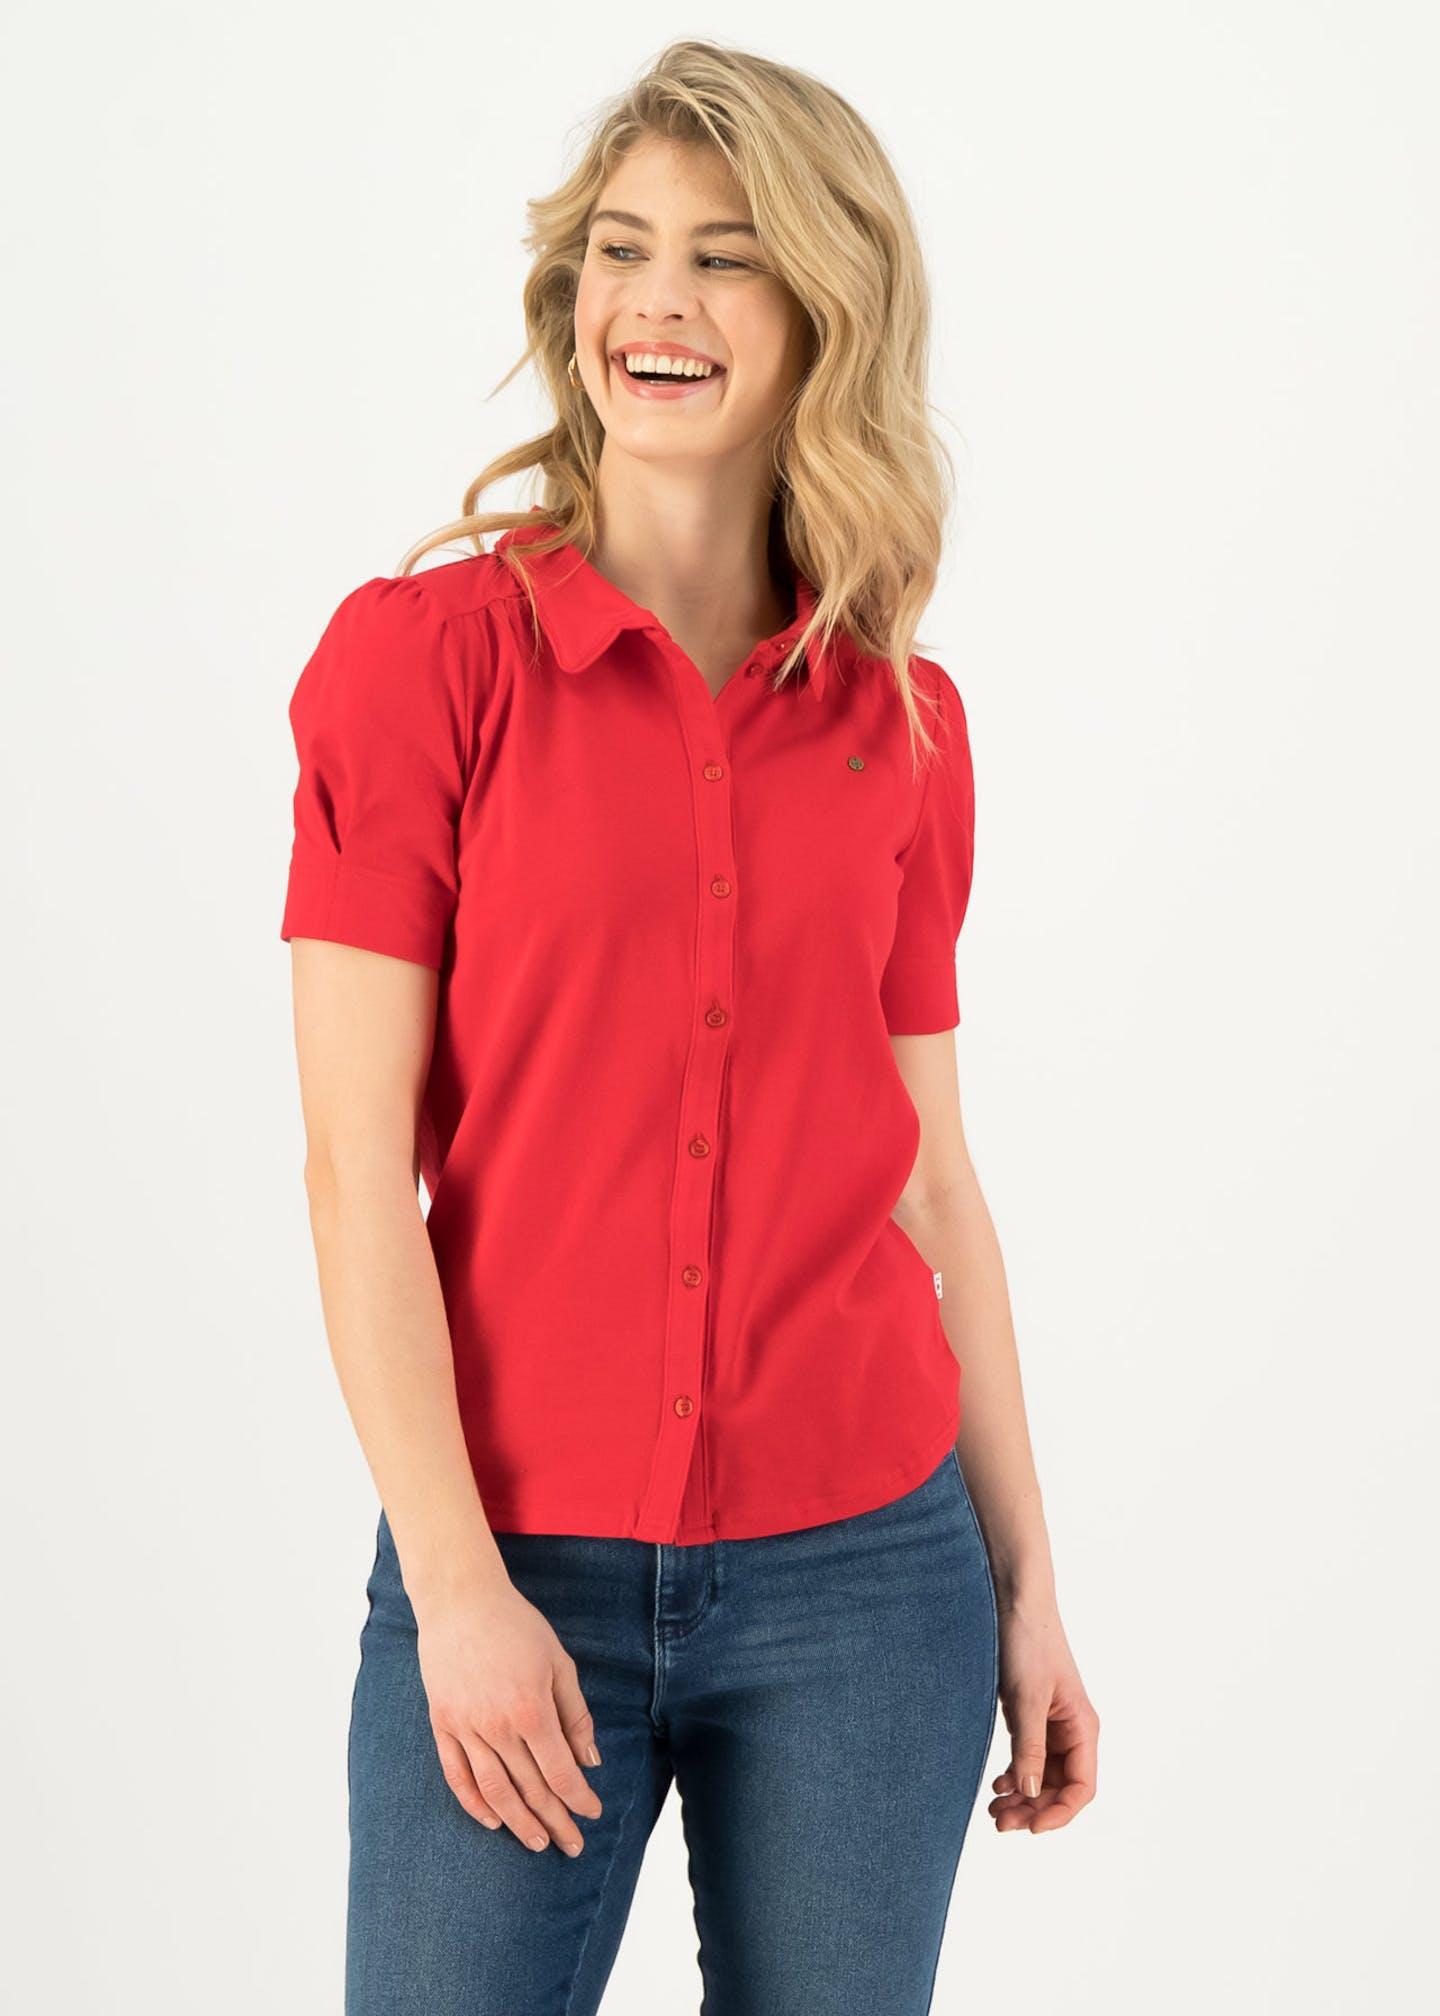 logo blouse